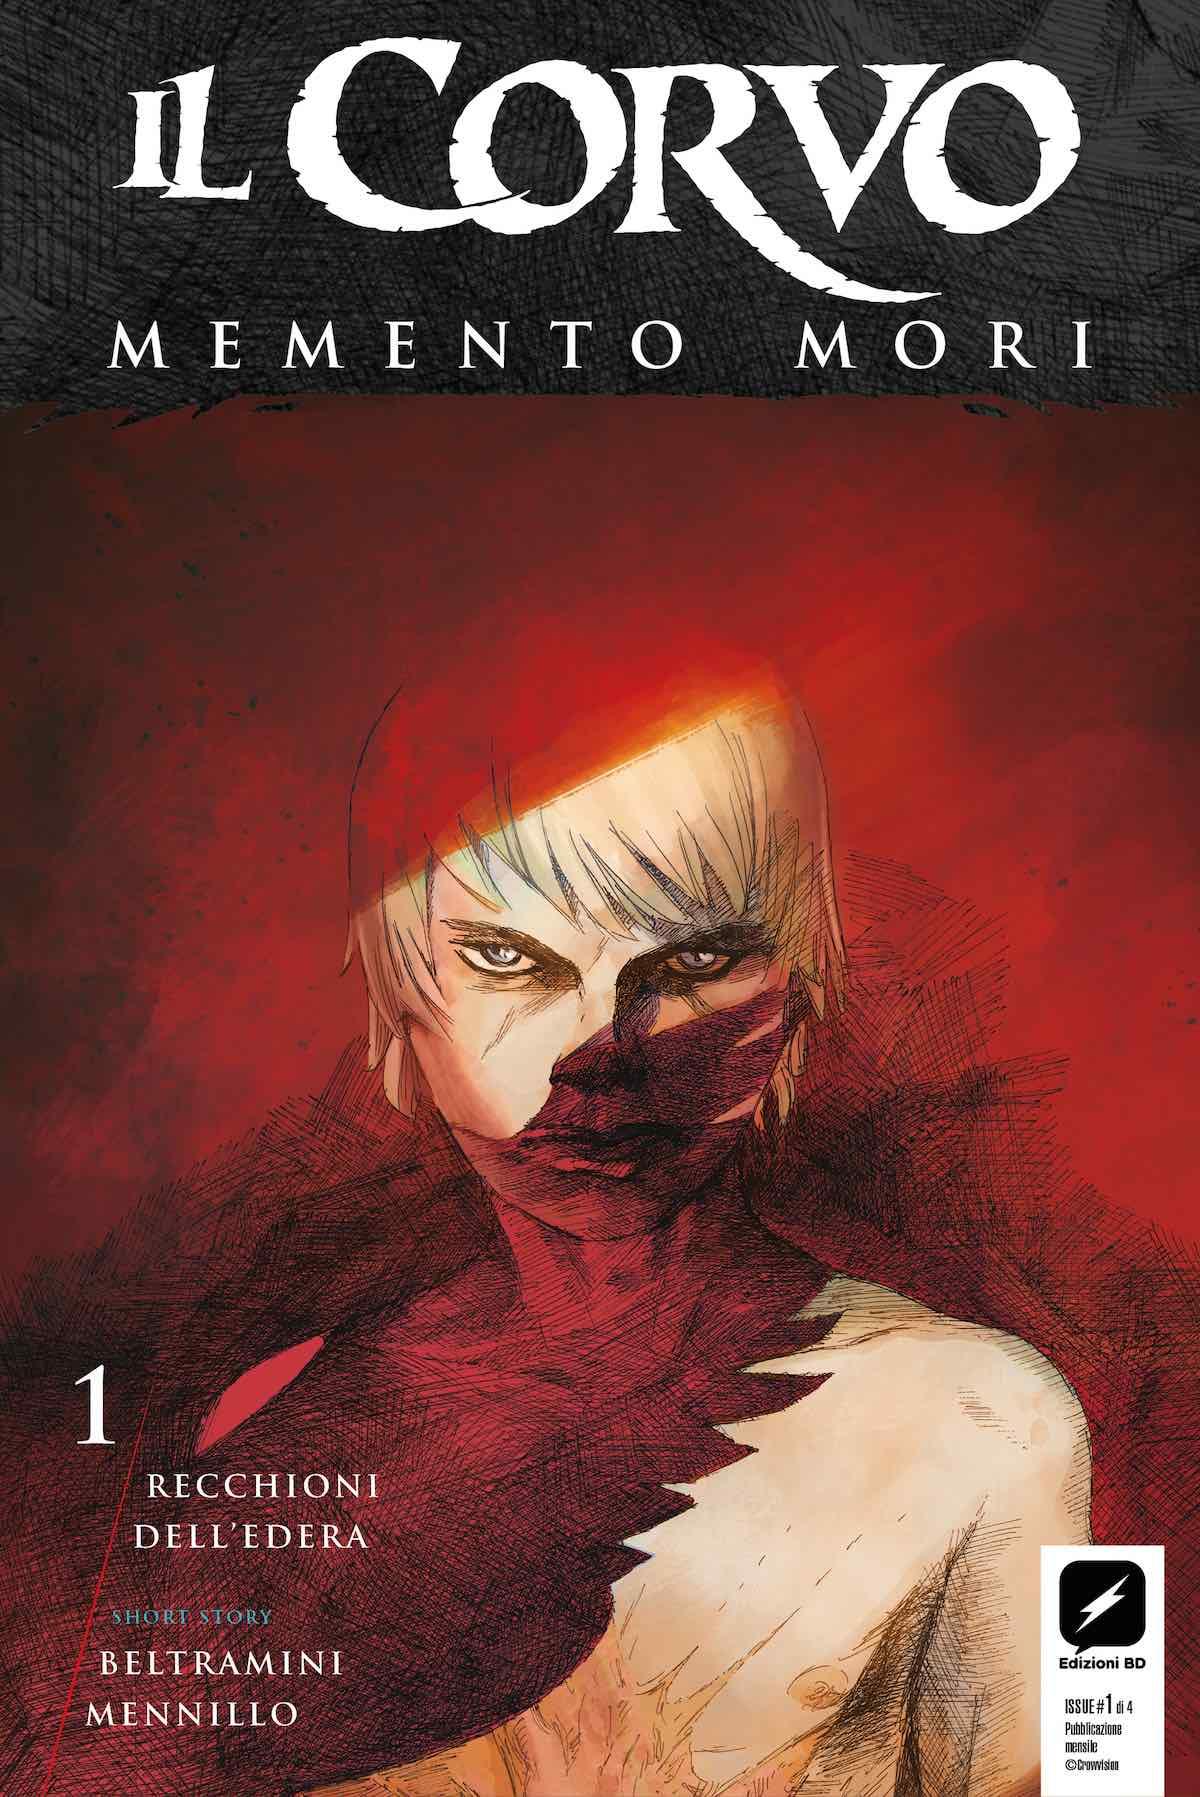 La copertina disegnata da Roberto Recchioni